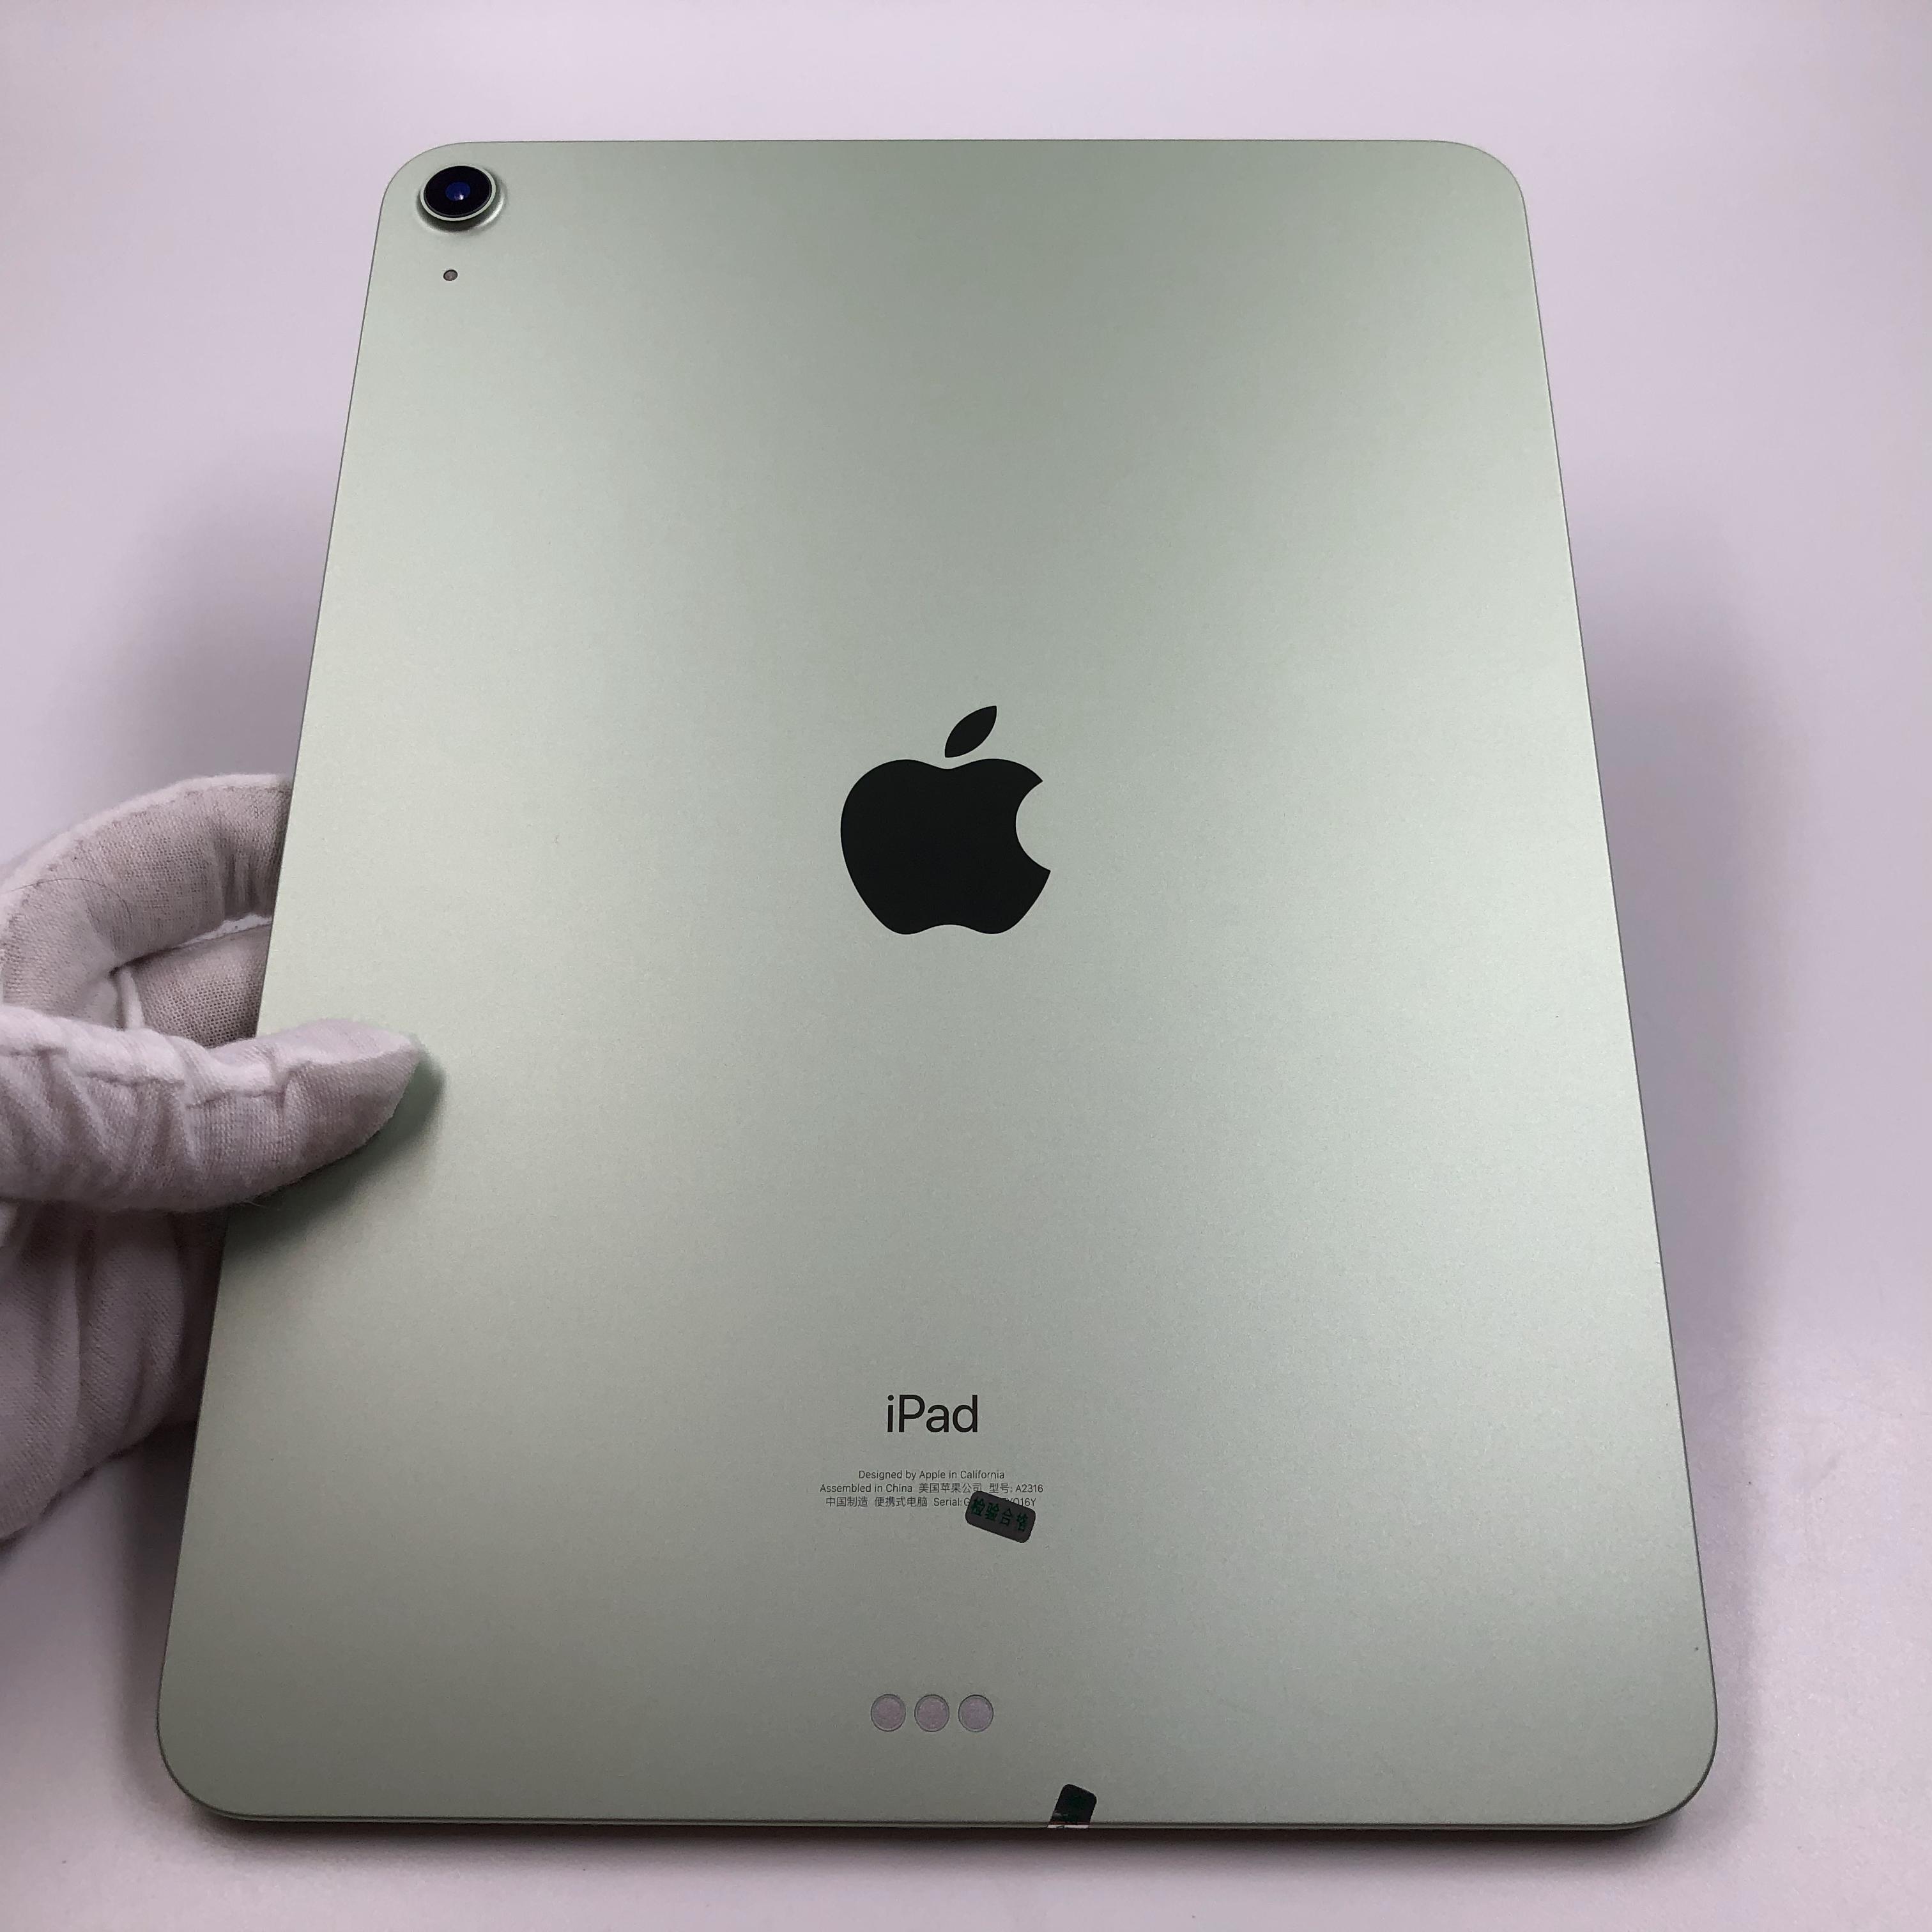 苹果【iPad Air4 10.9英寸 20款】WIFI版 绿色 256G 国行 99新 真机实拍官保2022-04-13